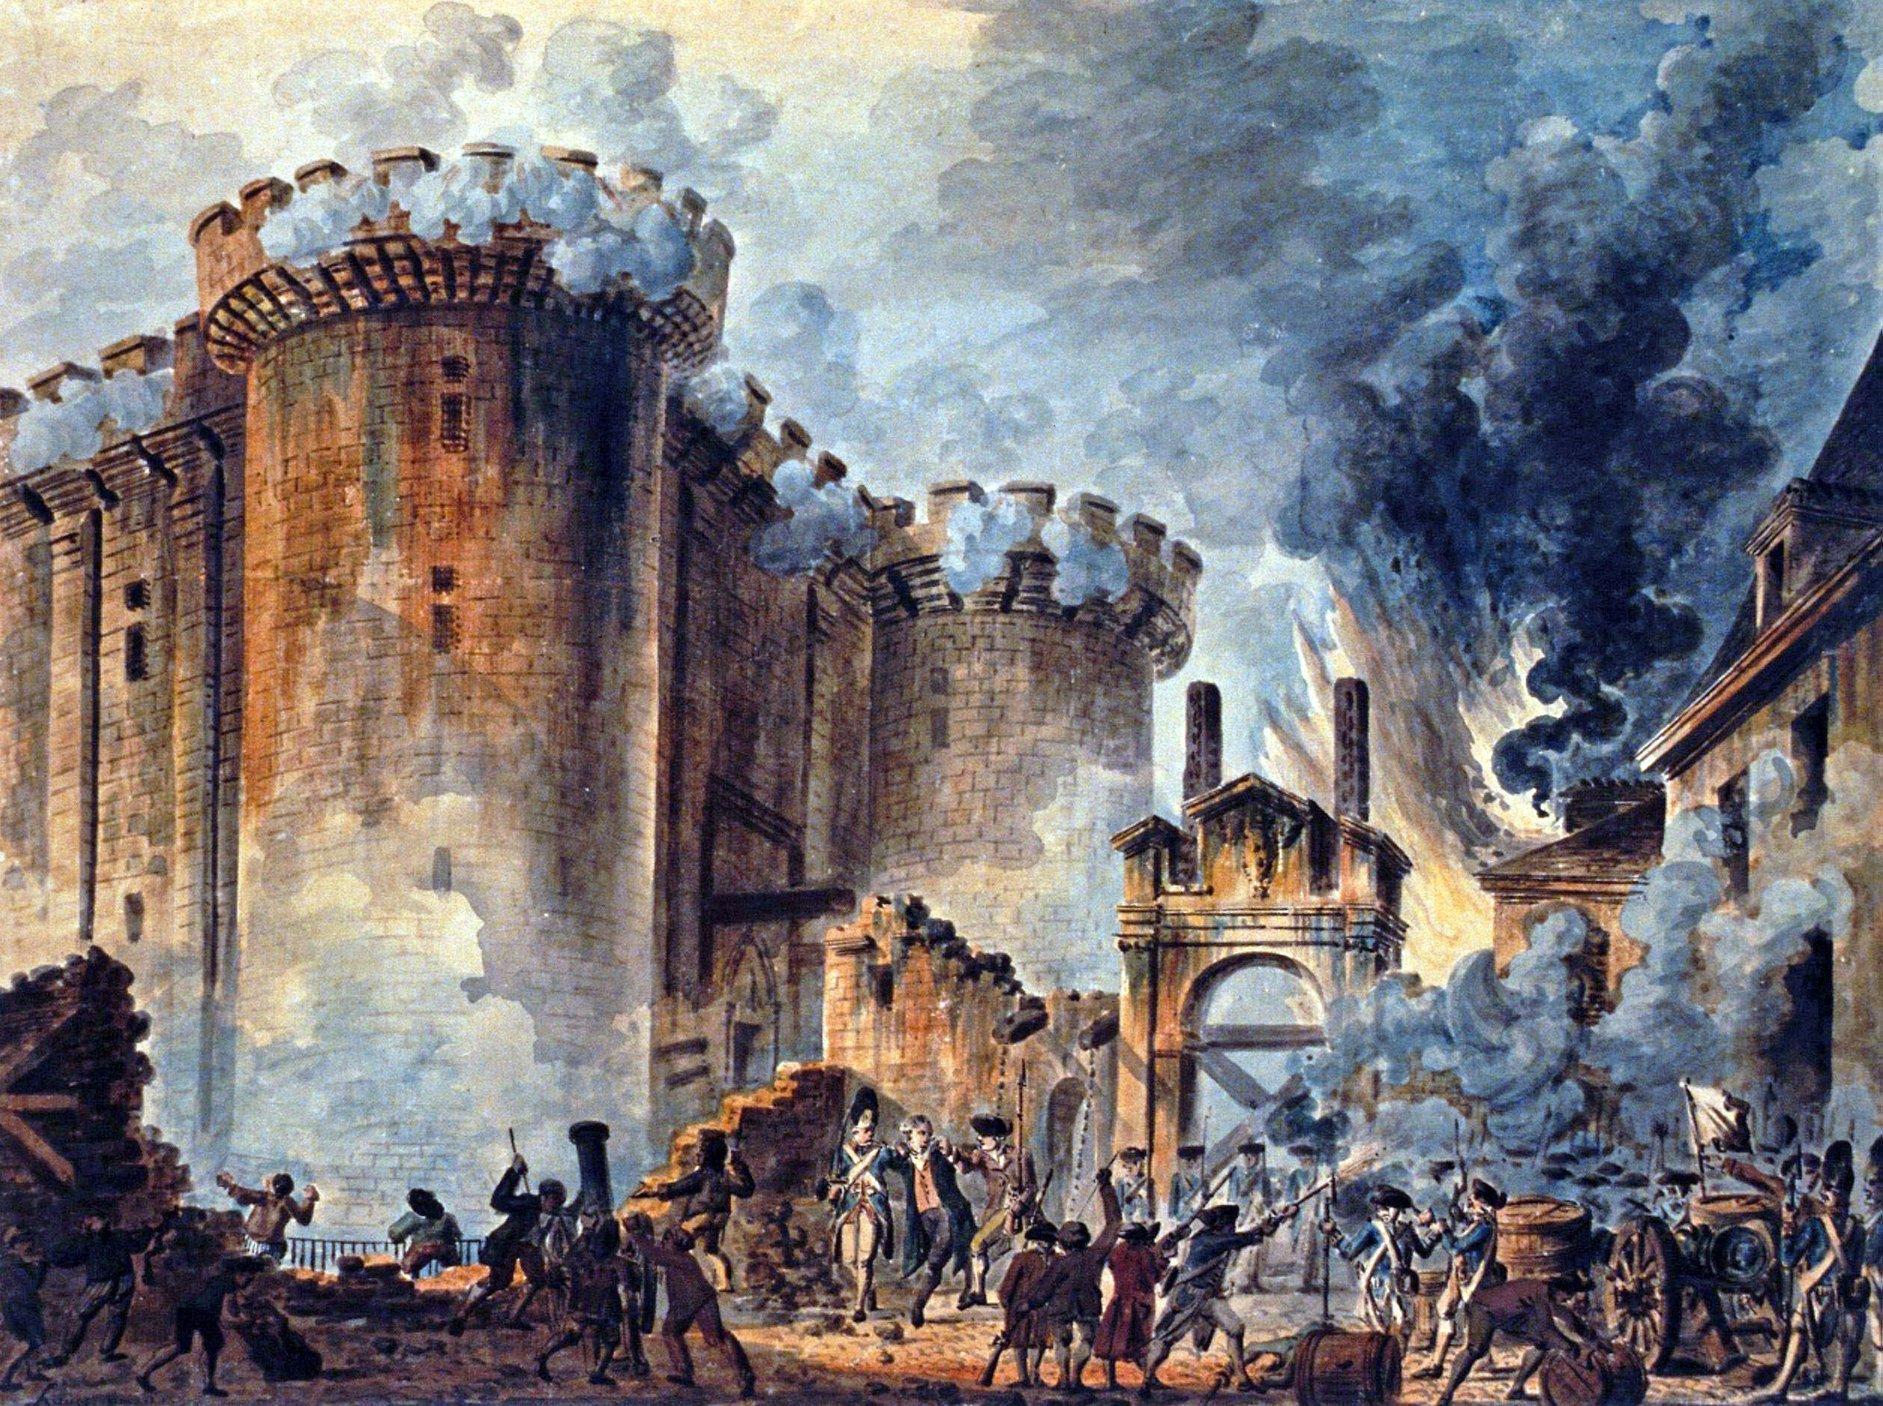 Βαστίλη, η διάσημη φυλακή της Γαλλίας που έγινε σύμβολο διαφθοράς της βασιλικής εξουσίας. Οι επαναστάτες πολιόρκησαν το φρούριο, έκοψαν το κεφάλι του διοικητή και το περιέφεραν σε όλο το Παρίσι